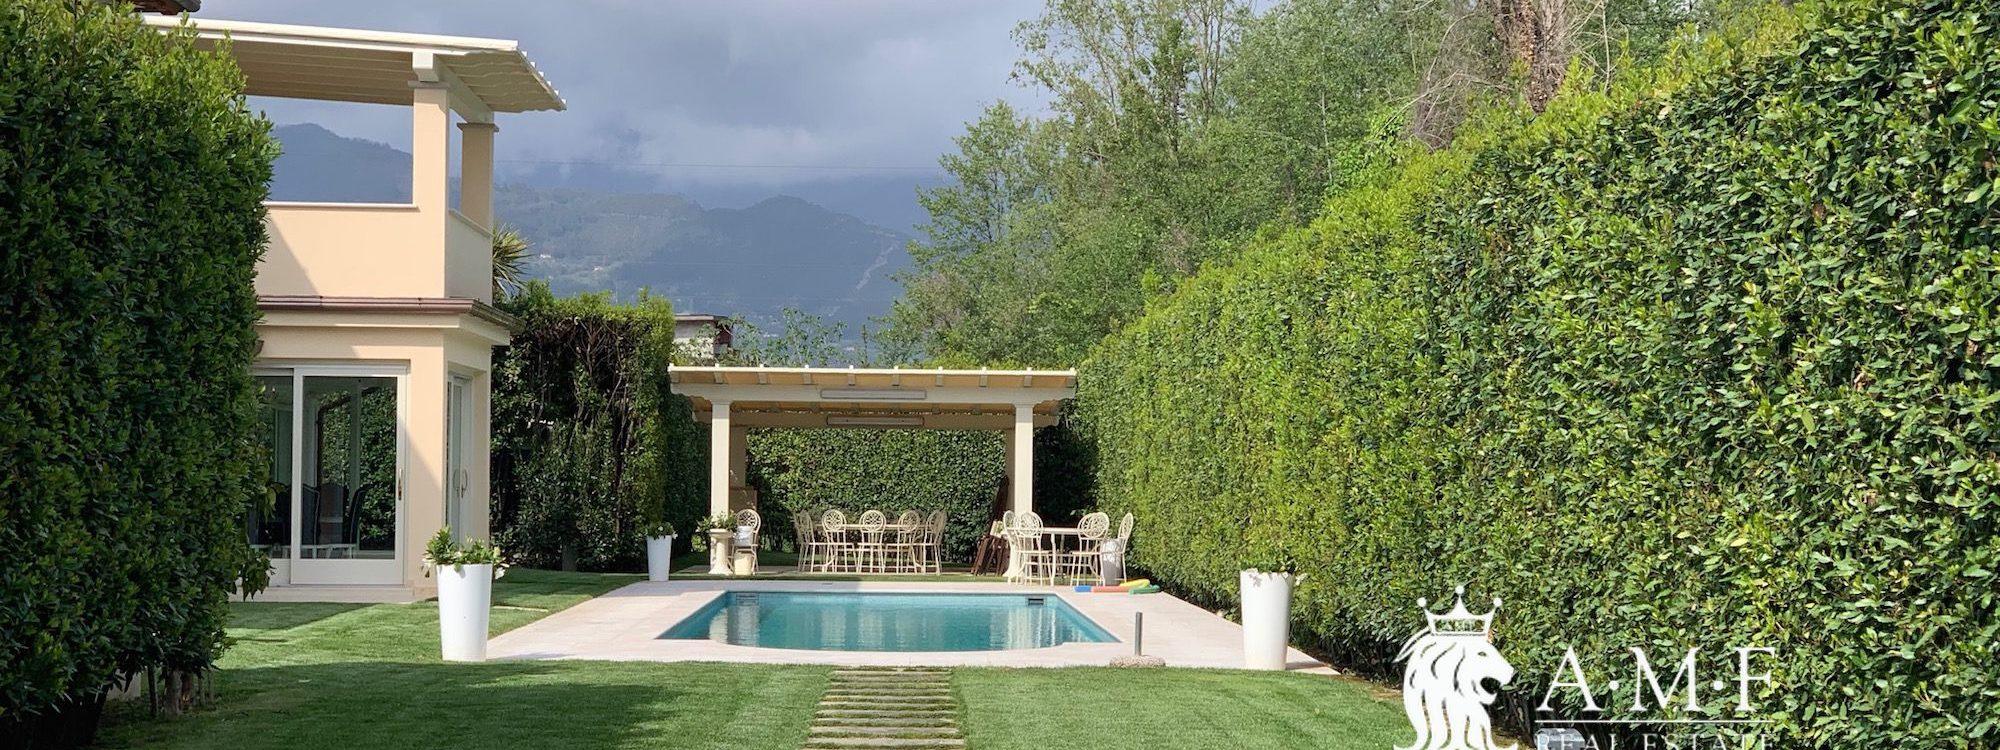 V19125-CO Villa for Sale Forte dei Marmi